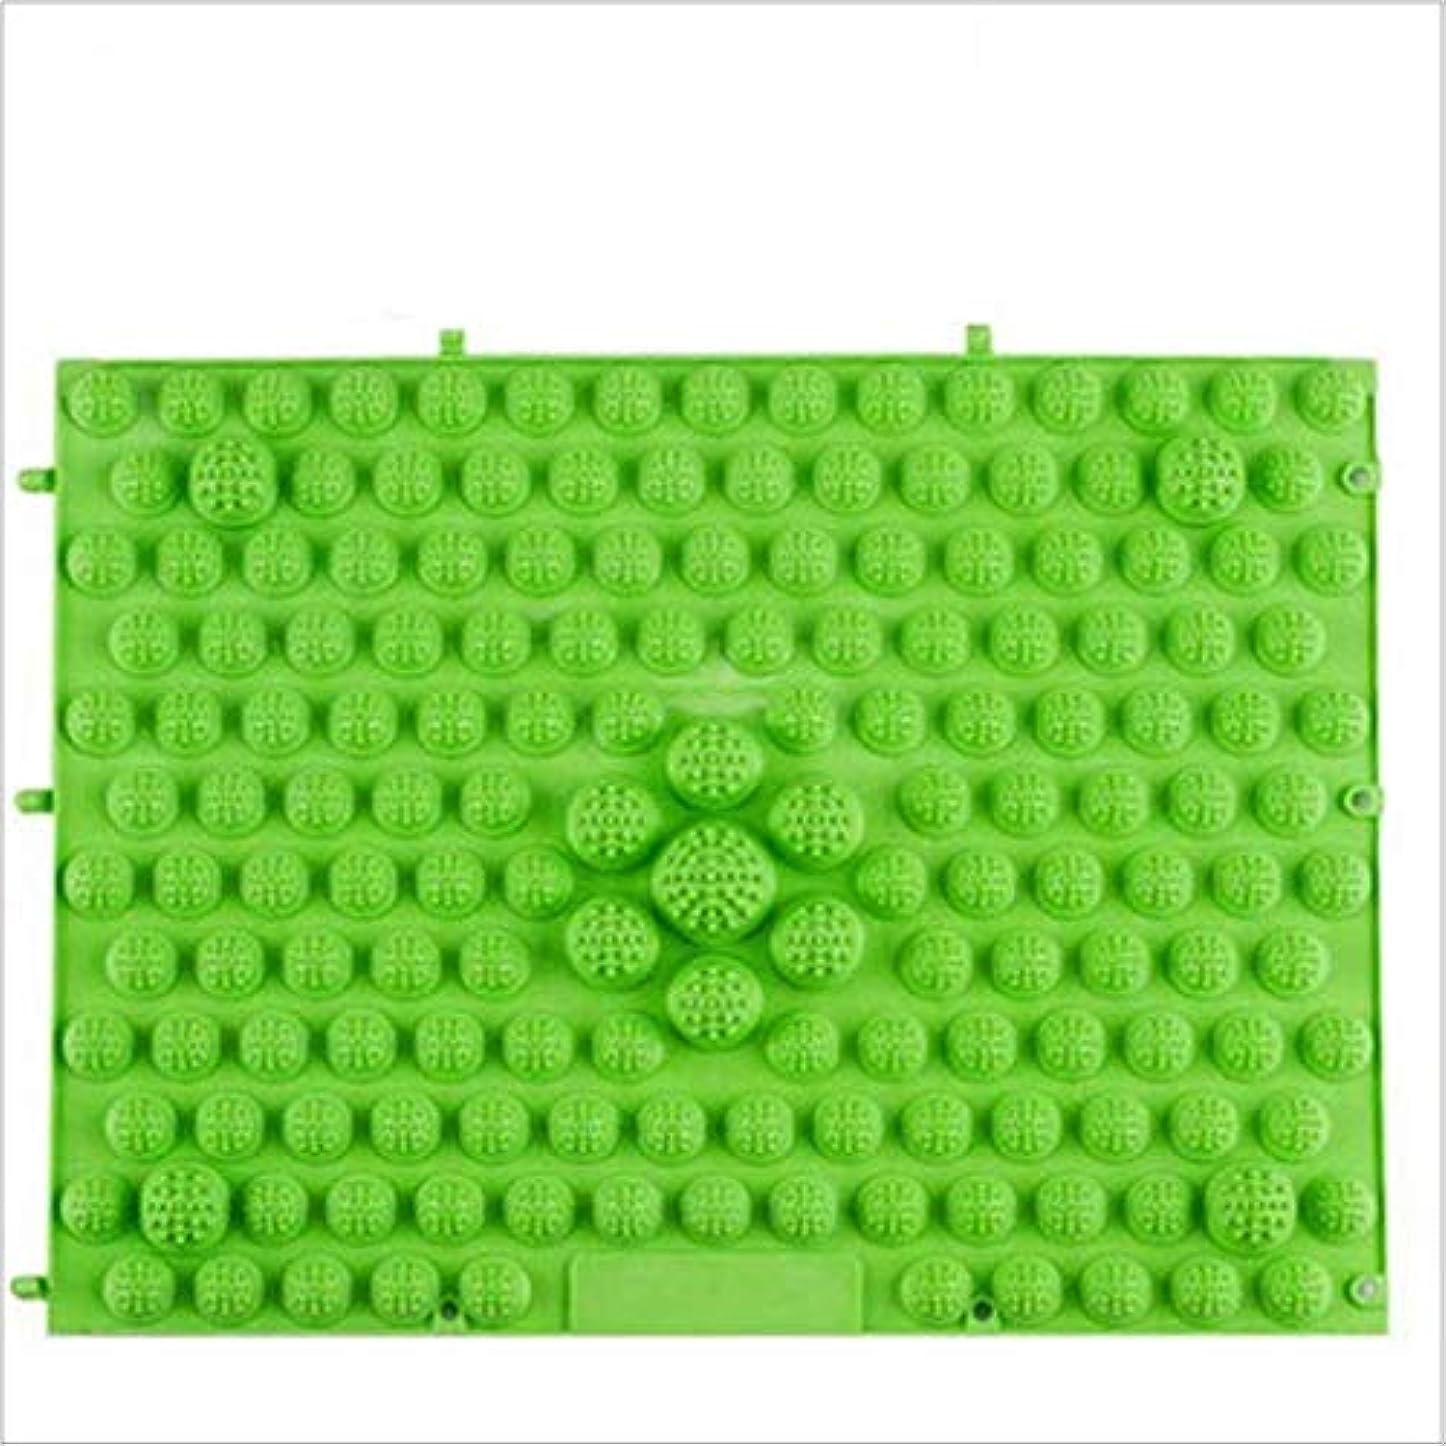 ウォークマット 裏板セット(ABS樹脂製補強板付き) (グリーン)